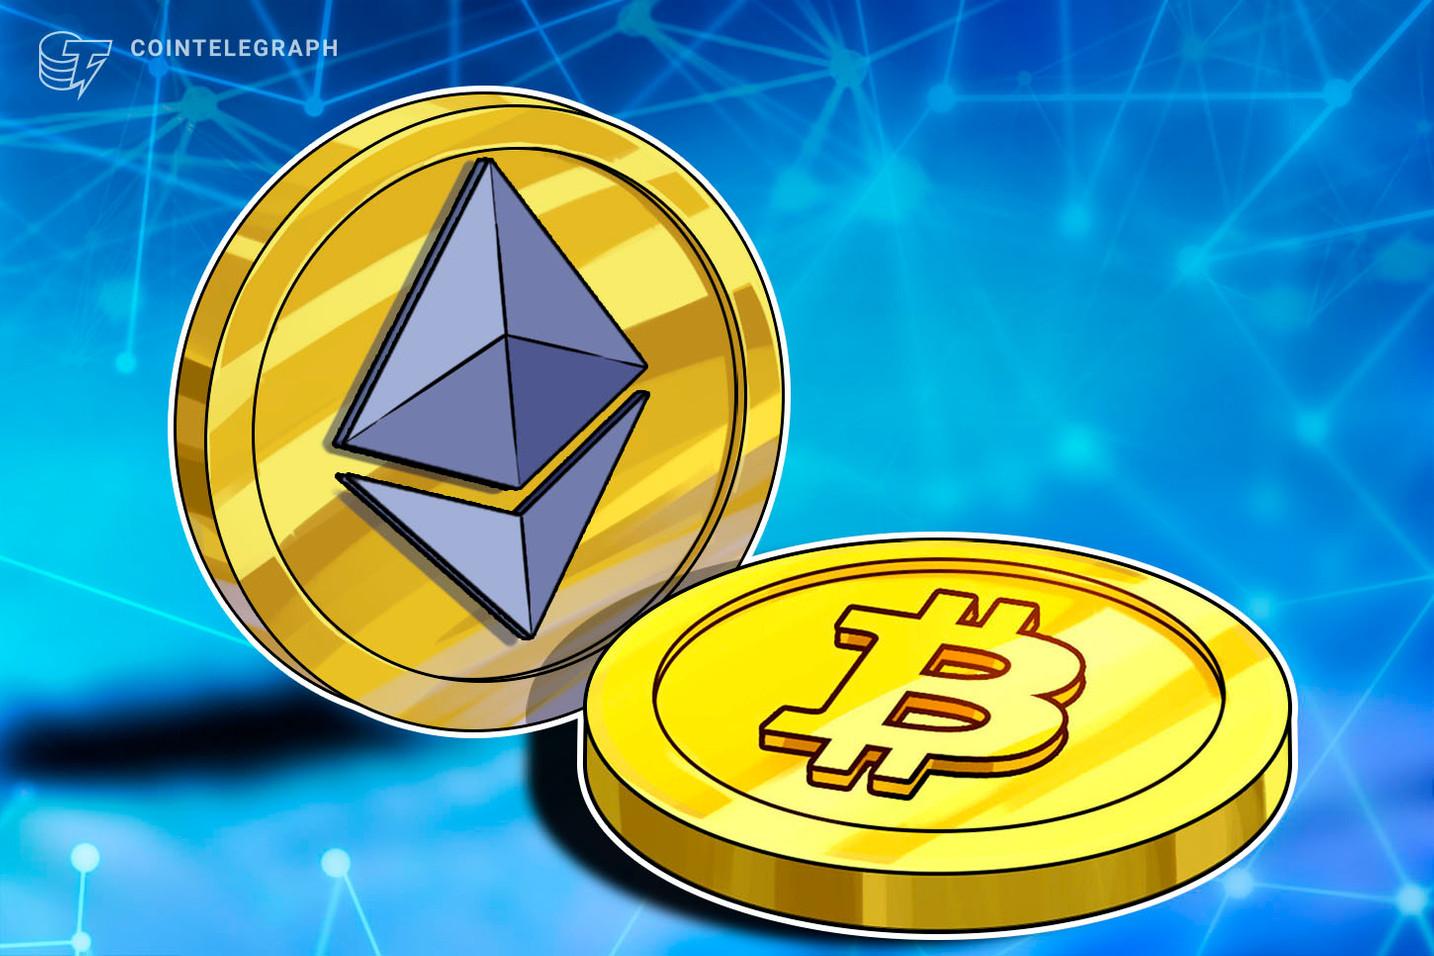 El precio de Ethereum apunta a los USD 5,000 tras alcanzar un máximo de 3 años frente a Bitcoin